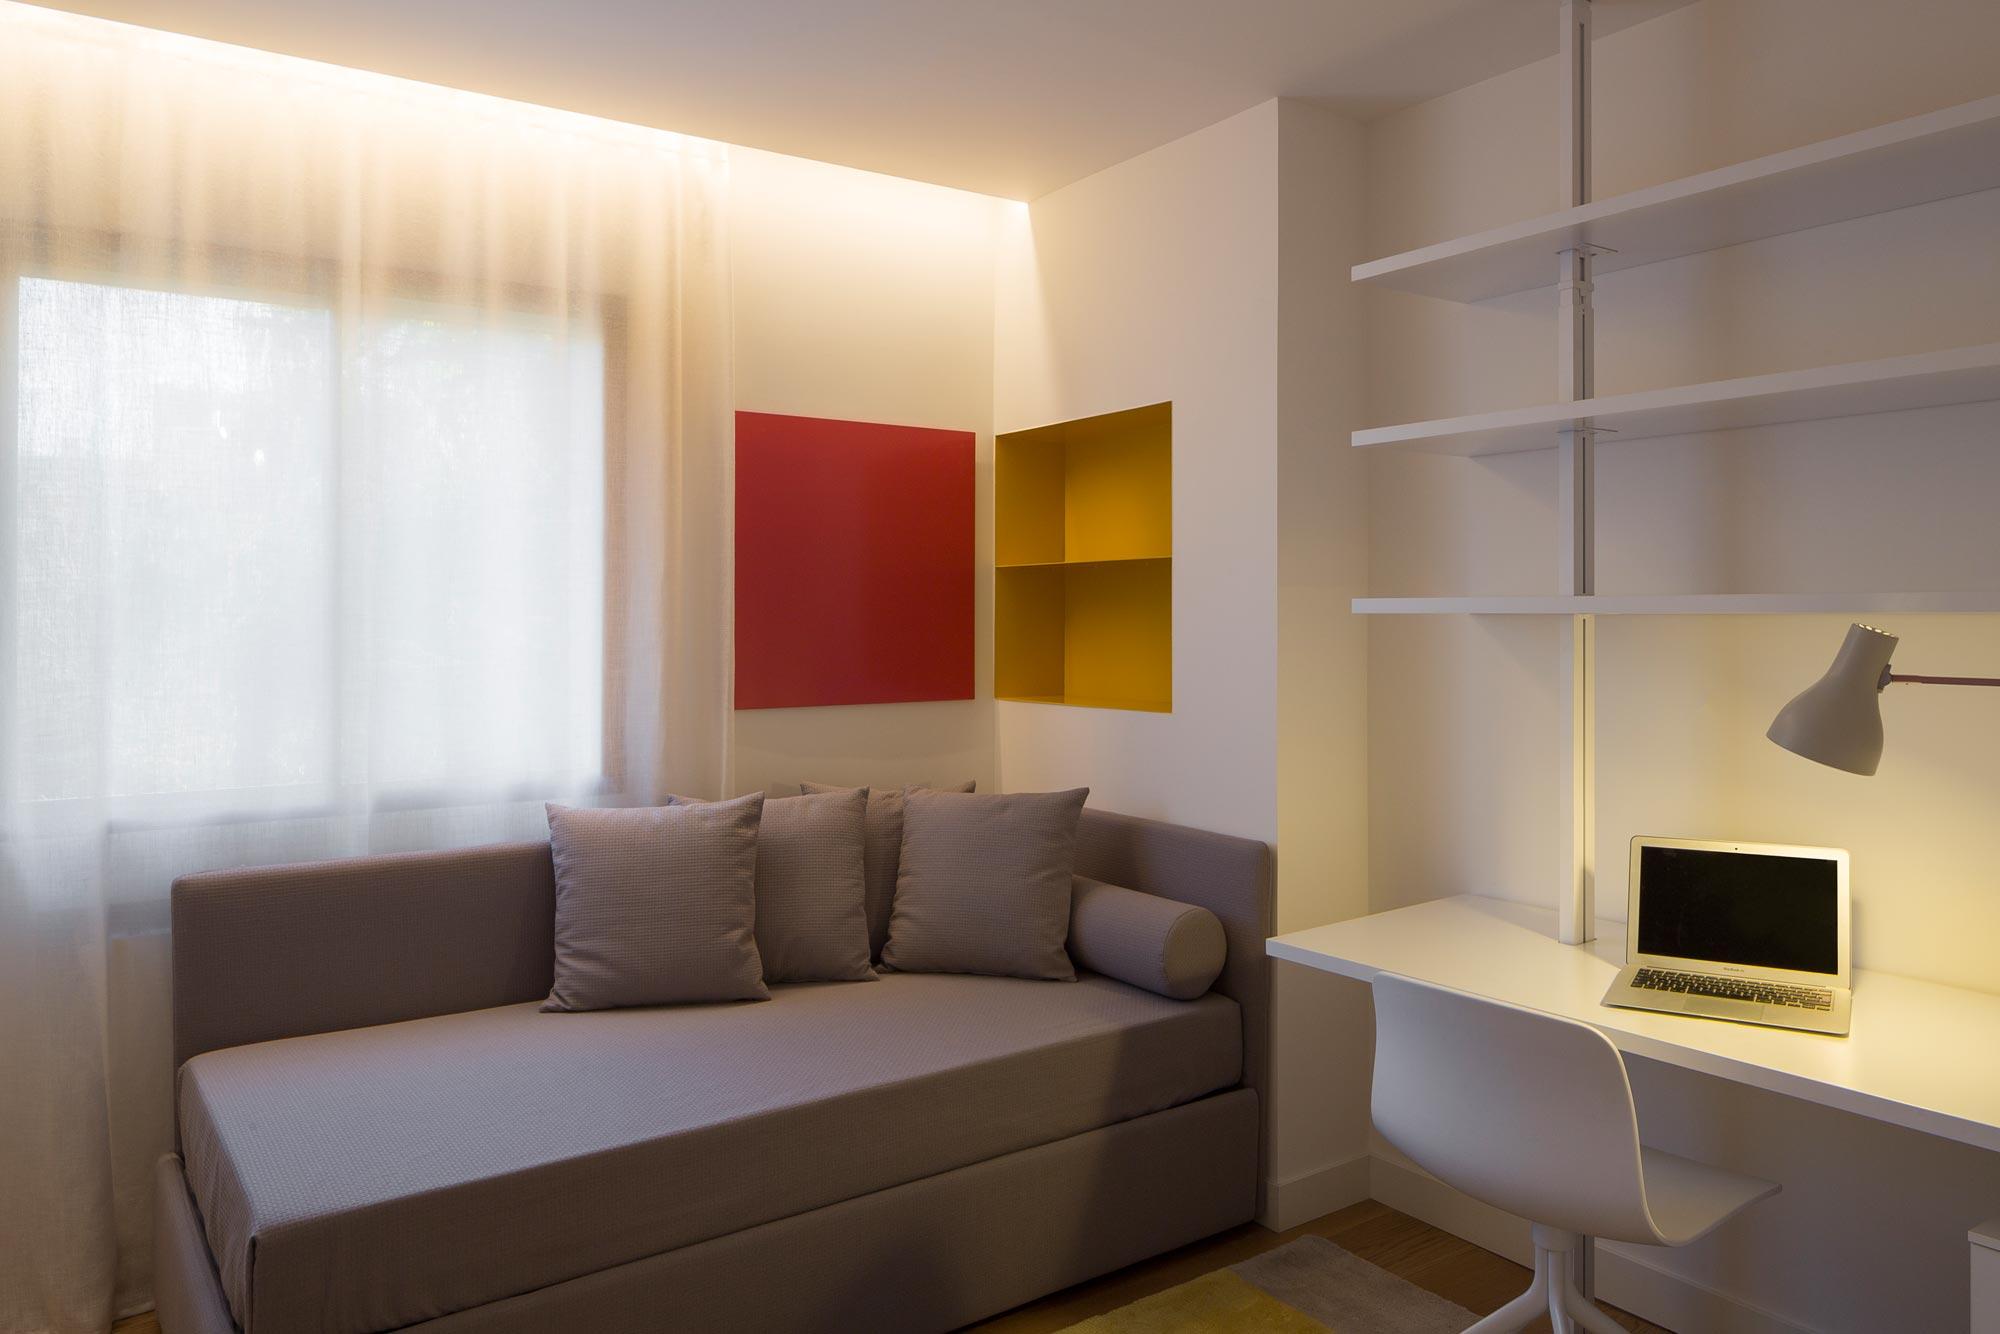 Detalle iluminaci n dormitorio light studio - Iluminacion dormitorio ...